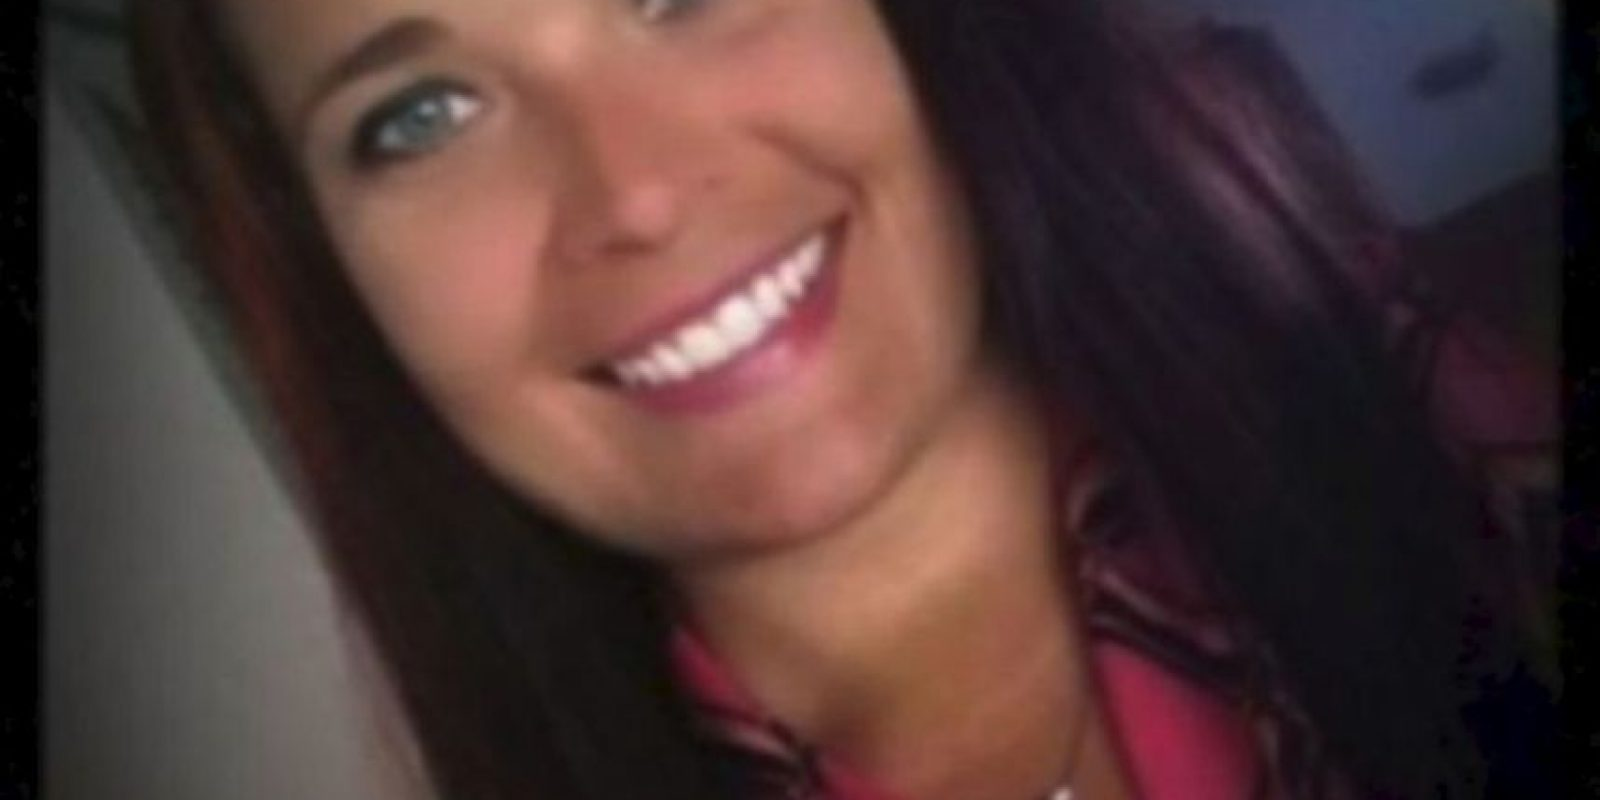 Jennifer Sexton renunció a su trabajo cuando se reveló que había tenido relaciones con uno de sus alumnos Foto:Facebook.com – Archivo